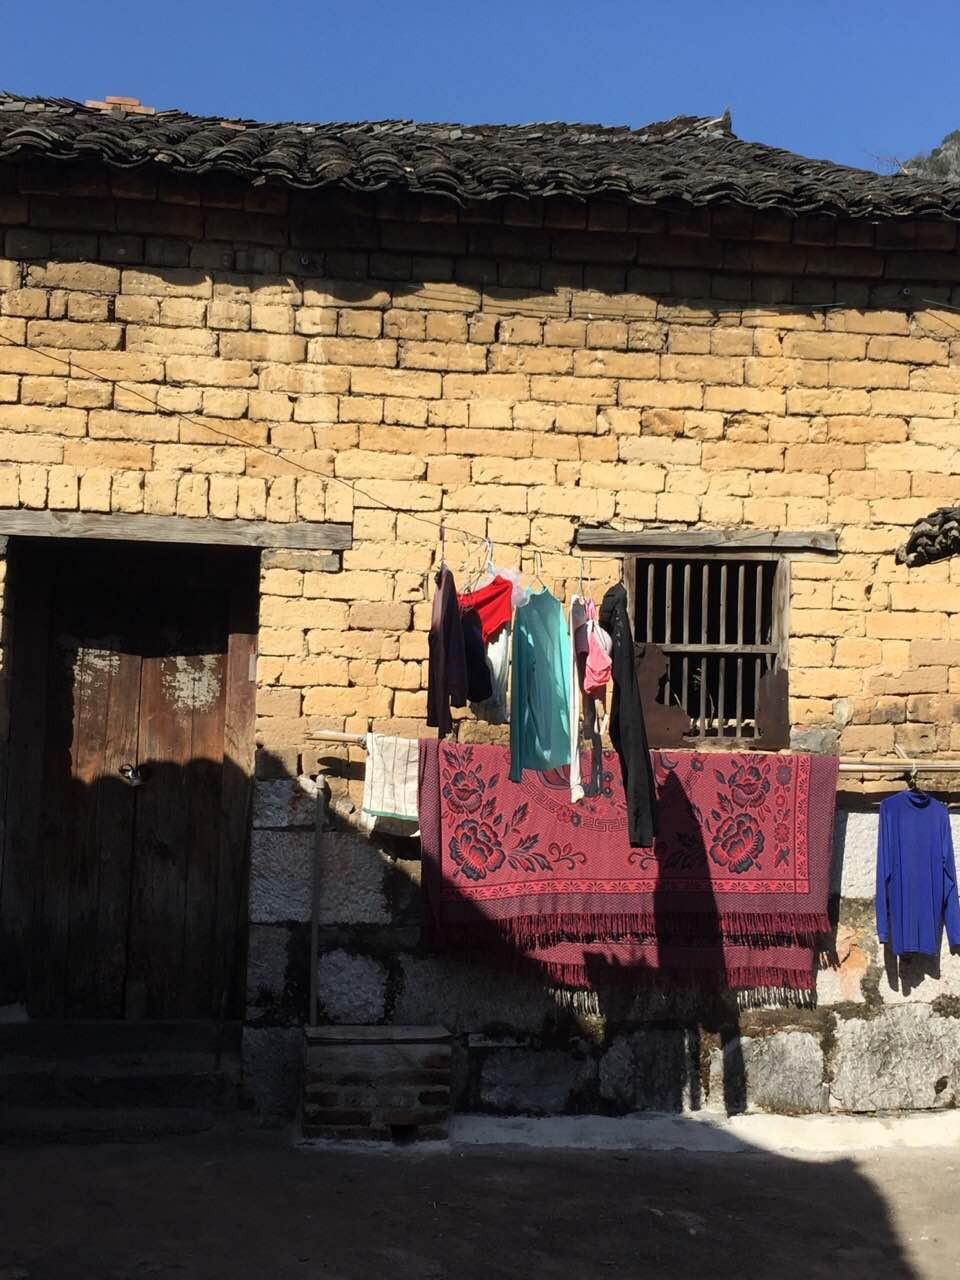 Li River - Guilin, China